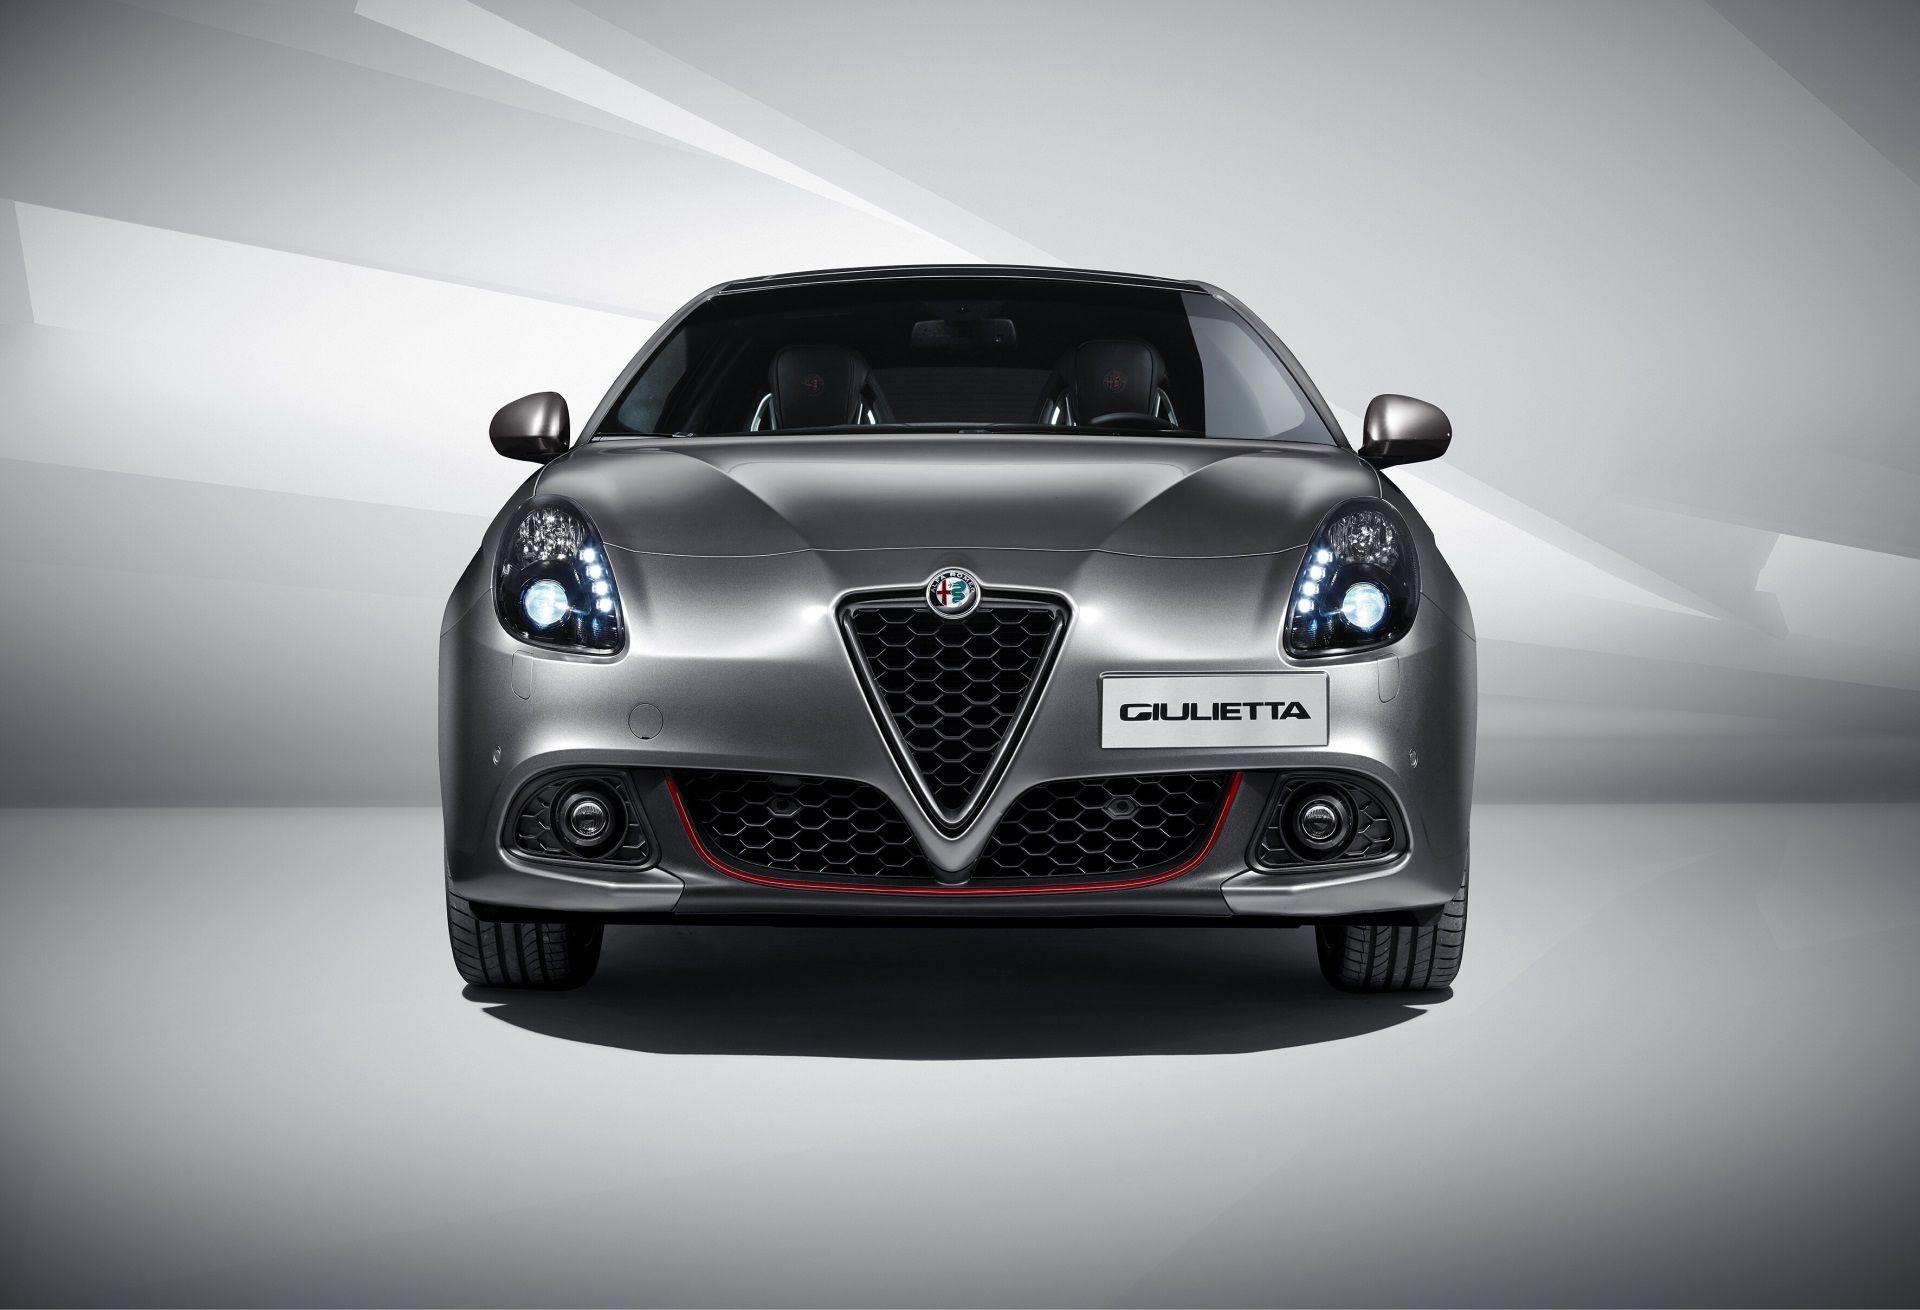 1920x1310 Alfa Romeo Giulietta Veloce 940 Free Hd Wallpaper Free